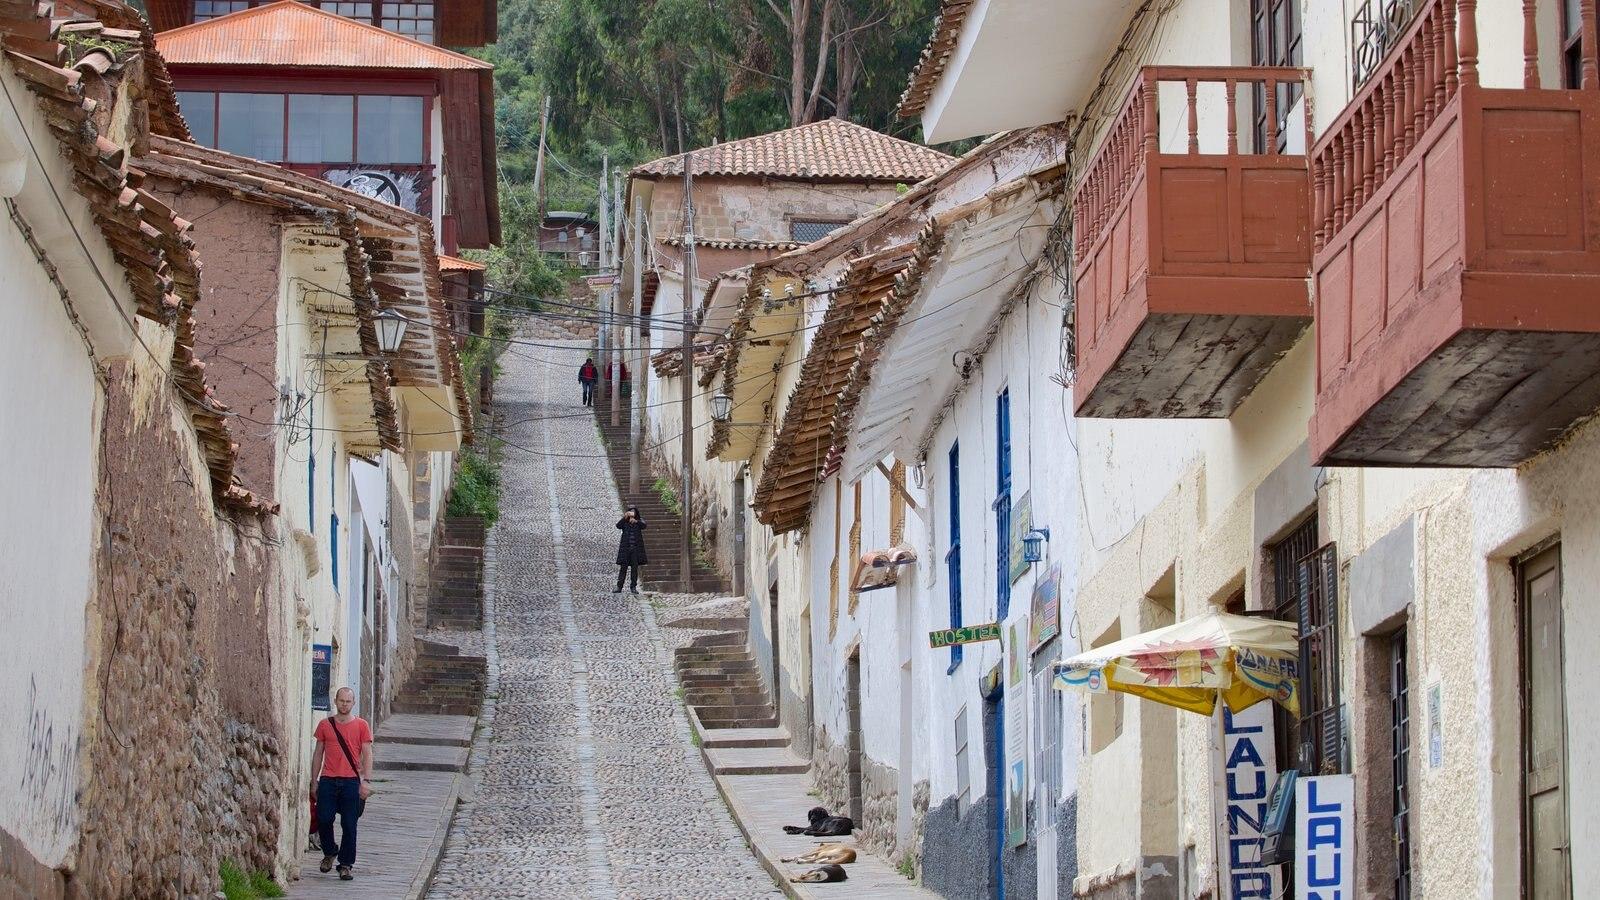 Cusco que inclui elementos de patrimônio